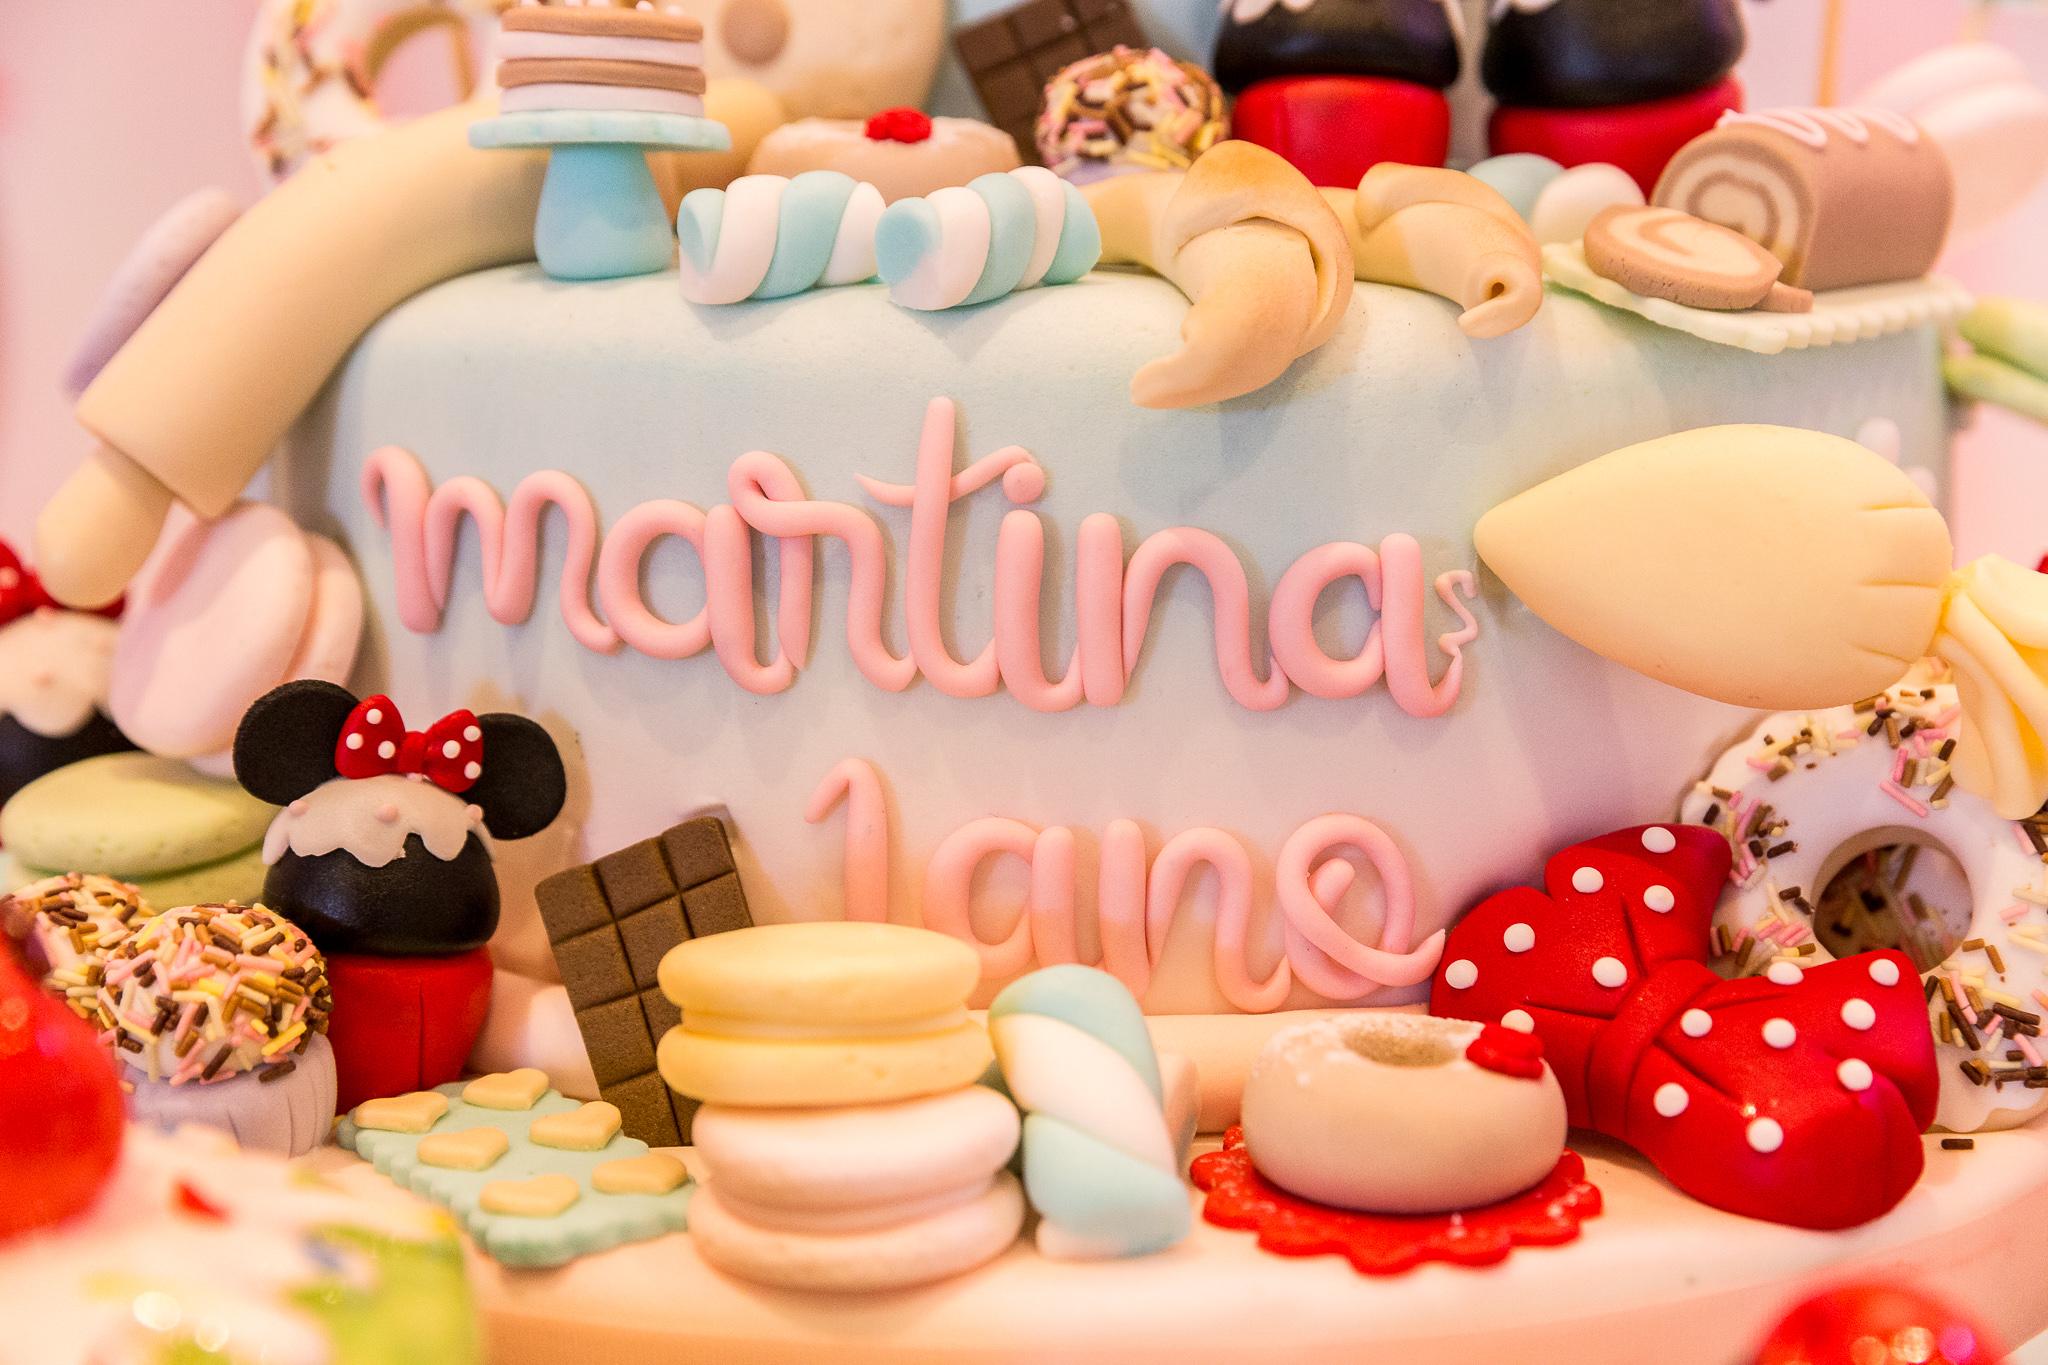 210529_martina_0040